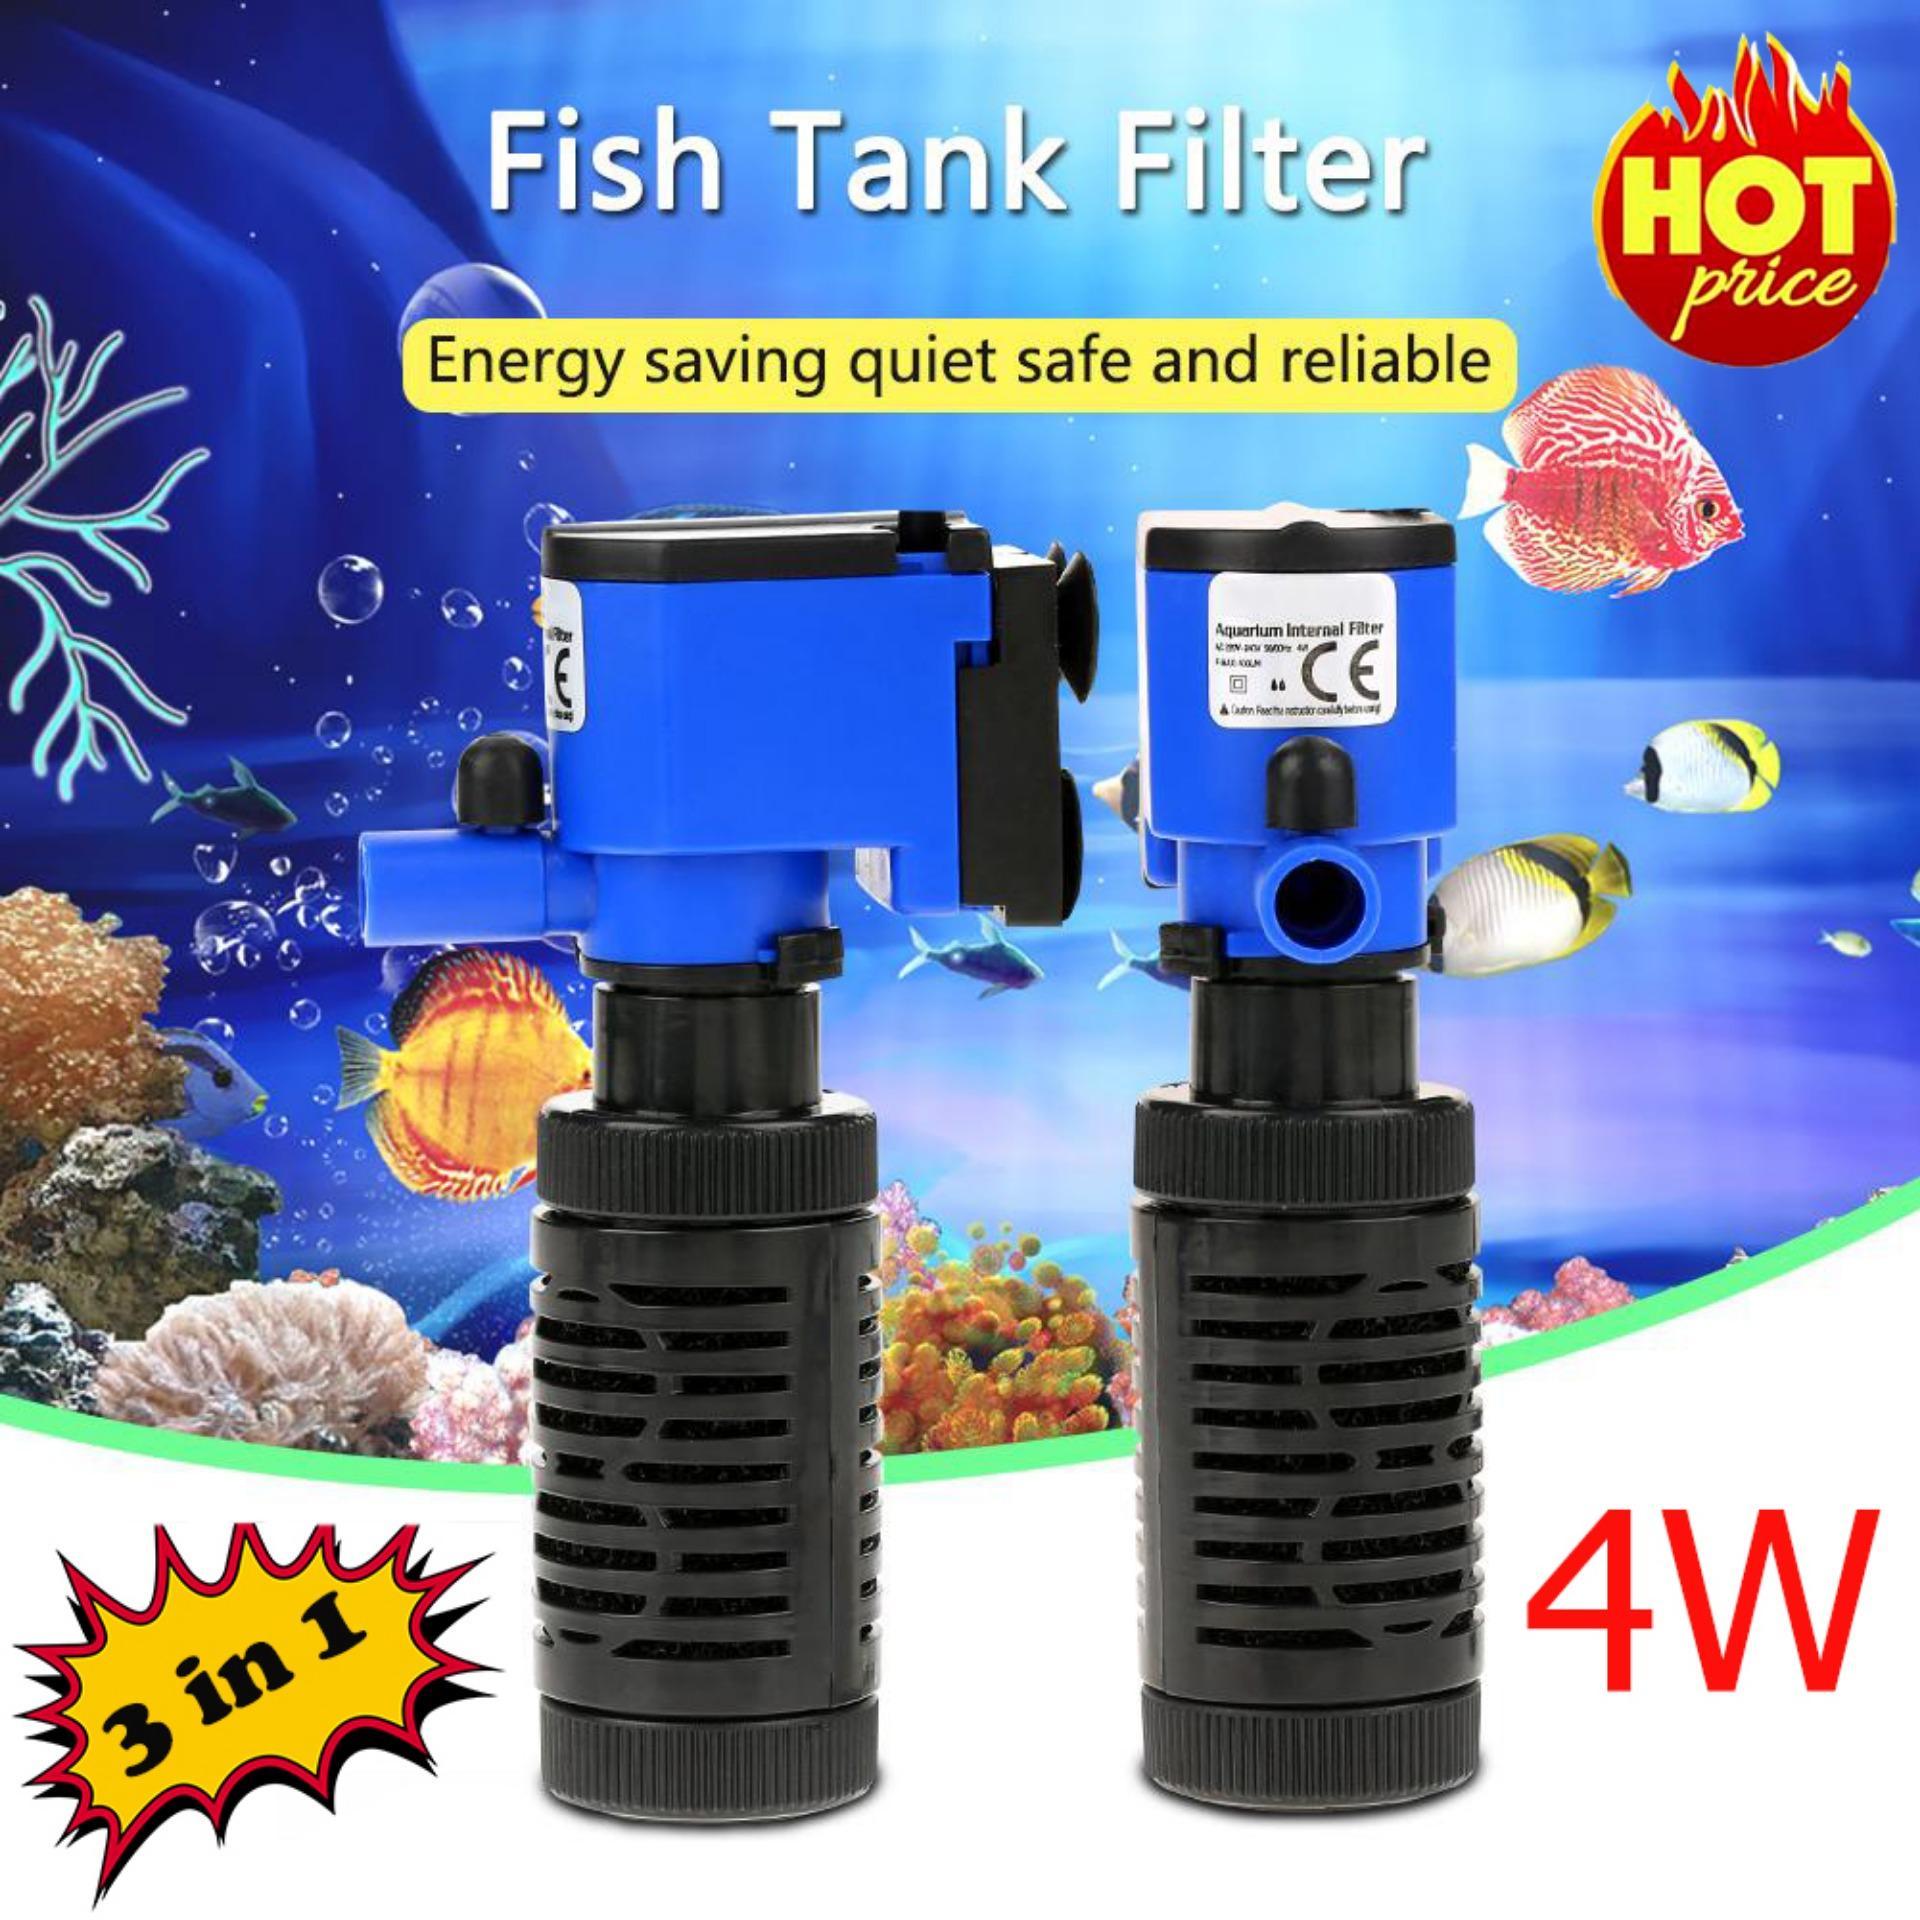 Water Pumps For Aquariums Sale Fish Tank Online Wiring 220 Volt Pump Aquarium Internal Filter Ac 220v Chinese Standard Plug Aq310f 4w